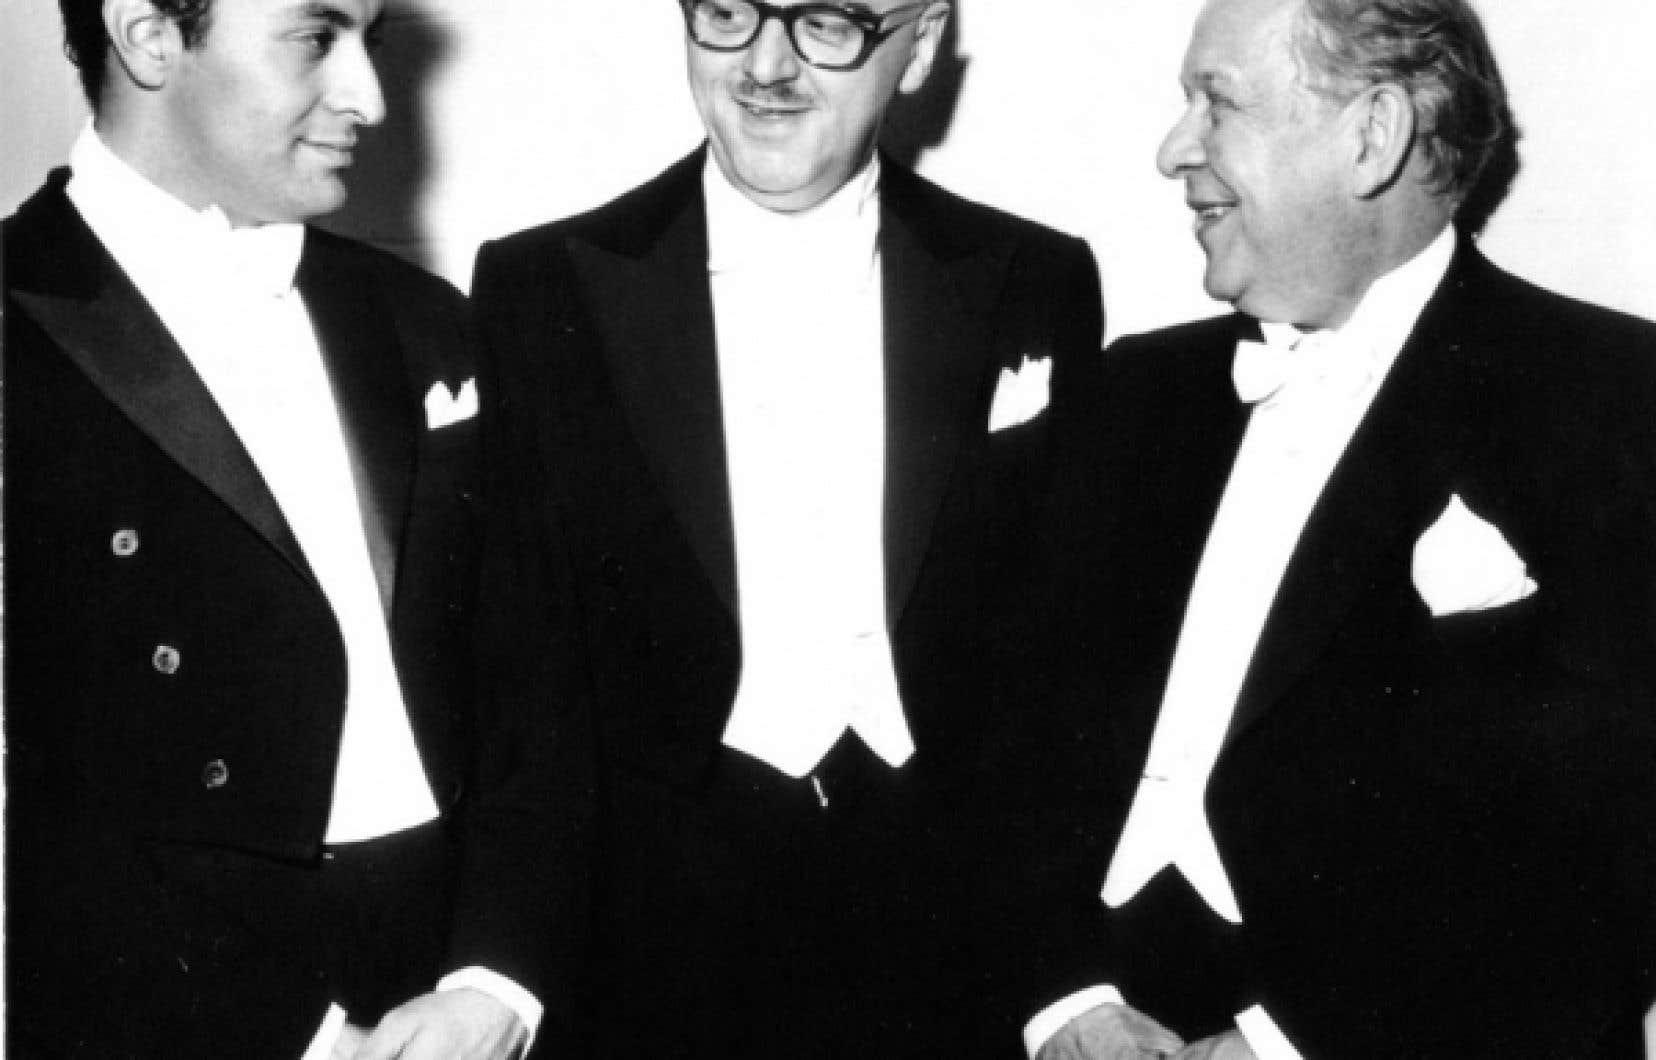 Wilfrid Pelletier, à droite, est le premier directeur musical de l'OSM. Il a partagé avec Zubin Mehta (à gauche) le concert inaugural de la Place des Arts, le 21 septembre 1963. <br />